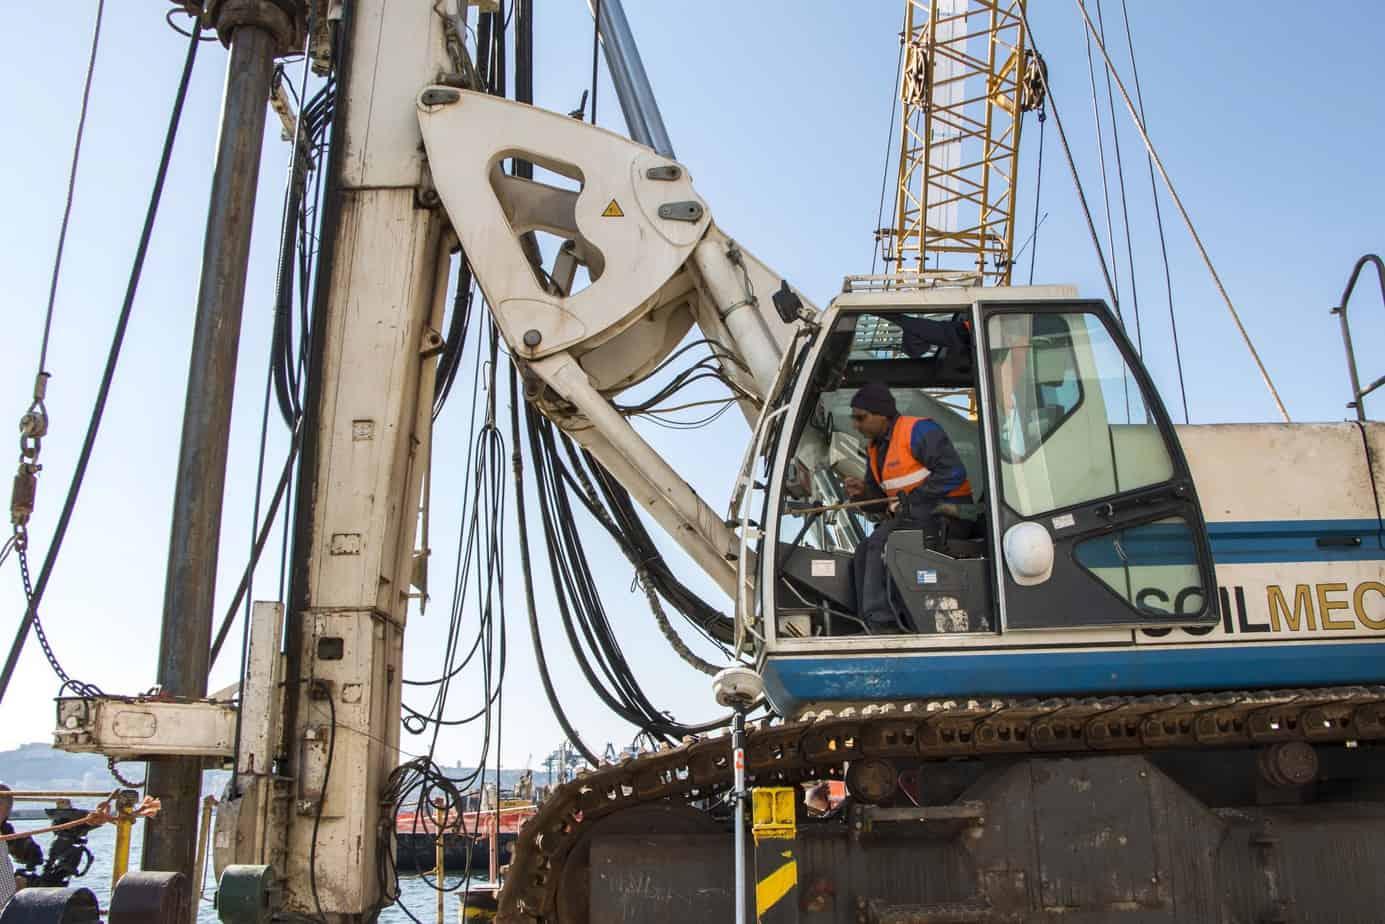 Il nuovo sistema di presa sarà costituito da condotte in resina rinforzata con fibre di vetro